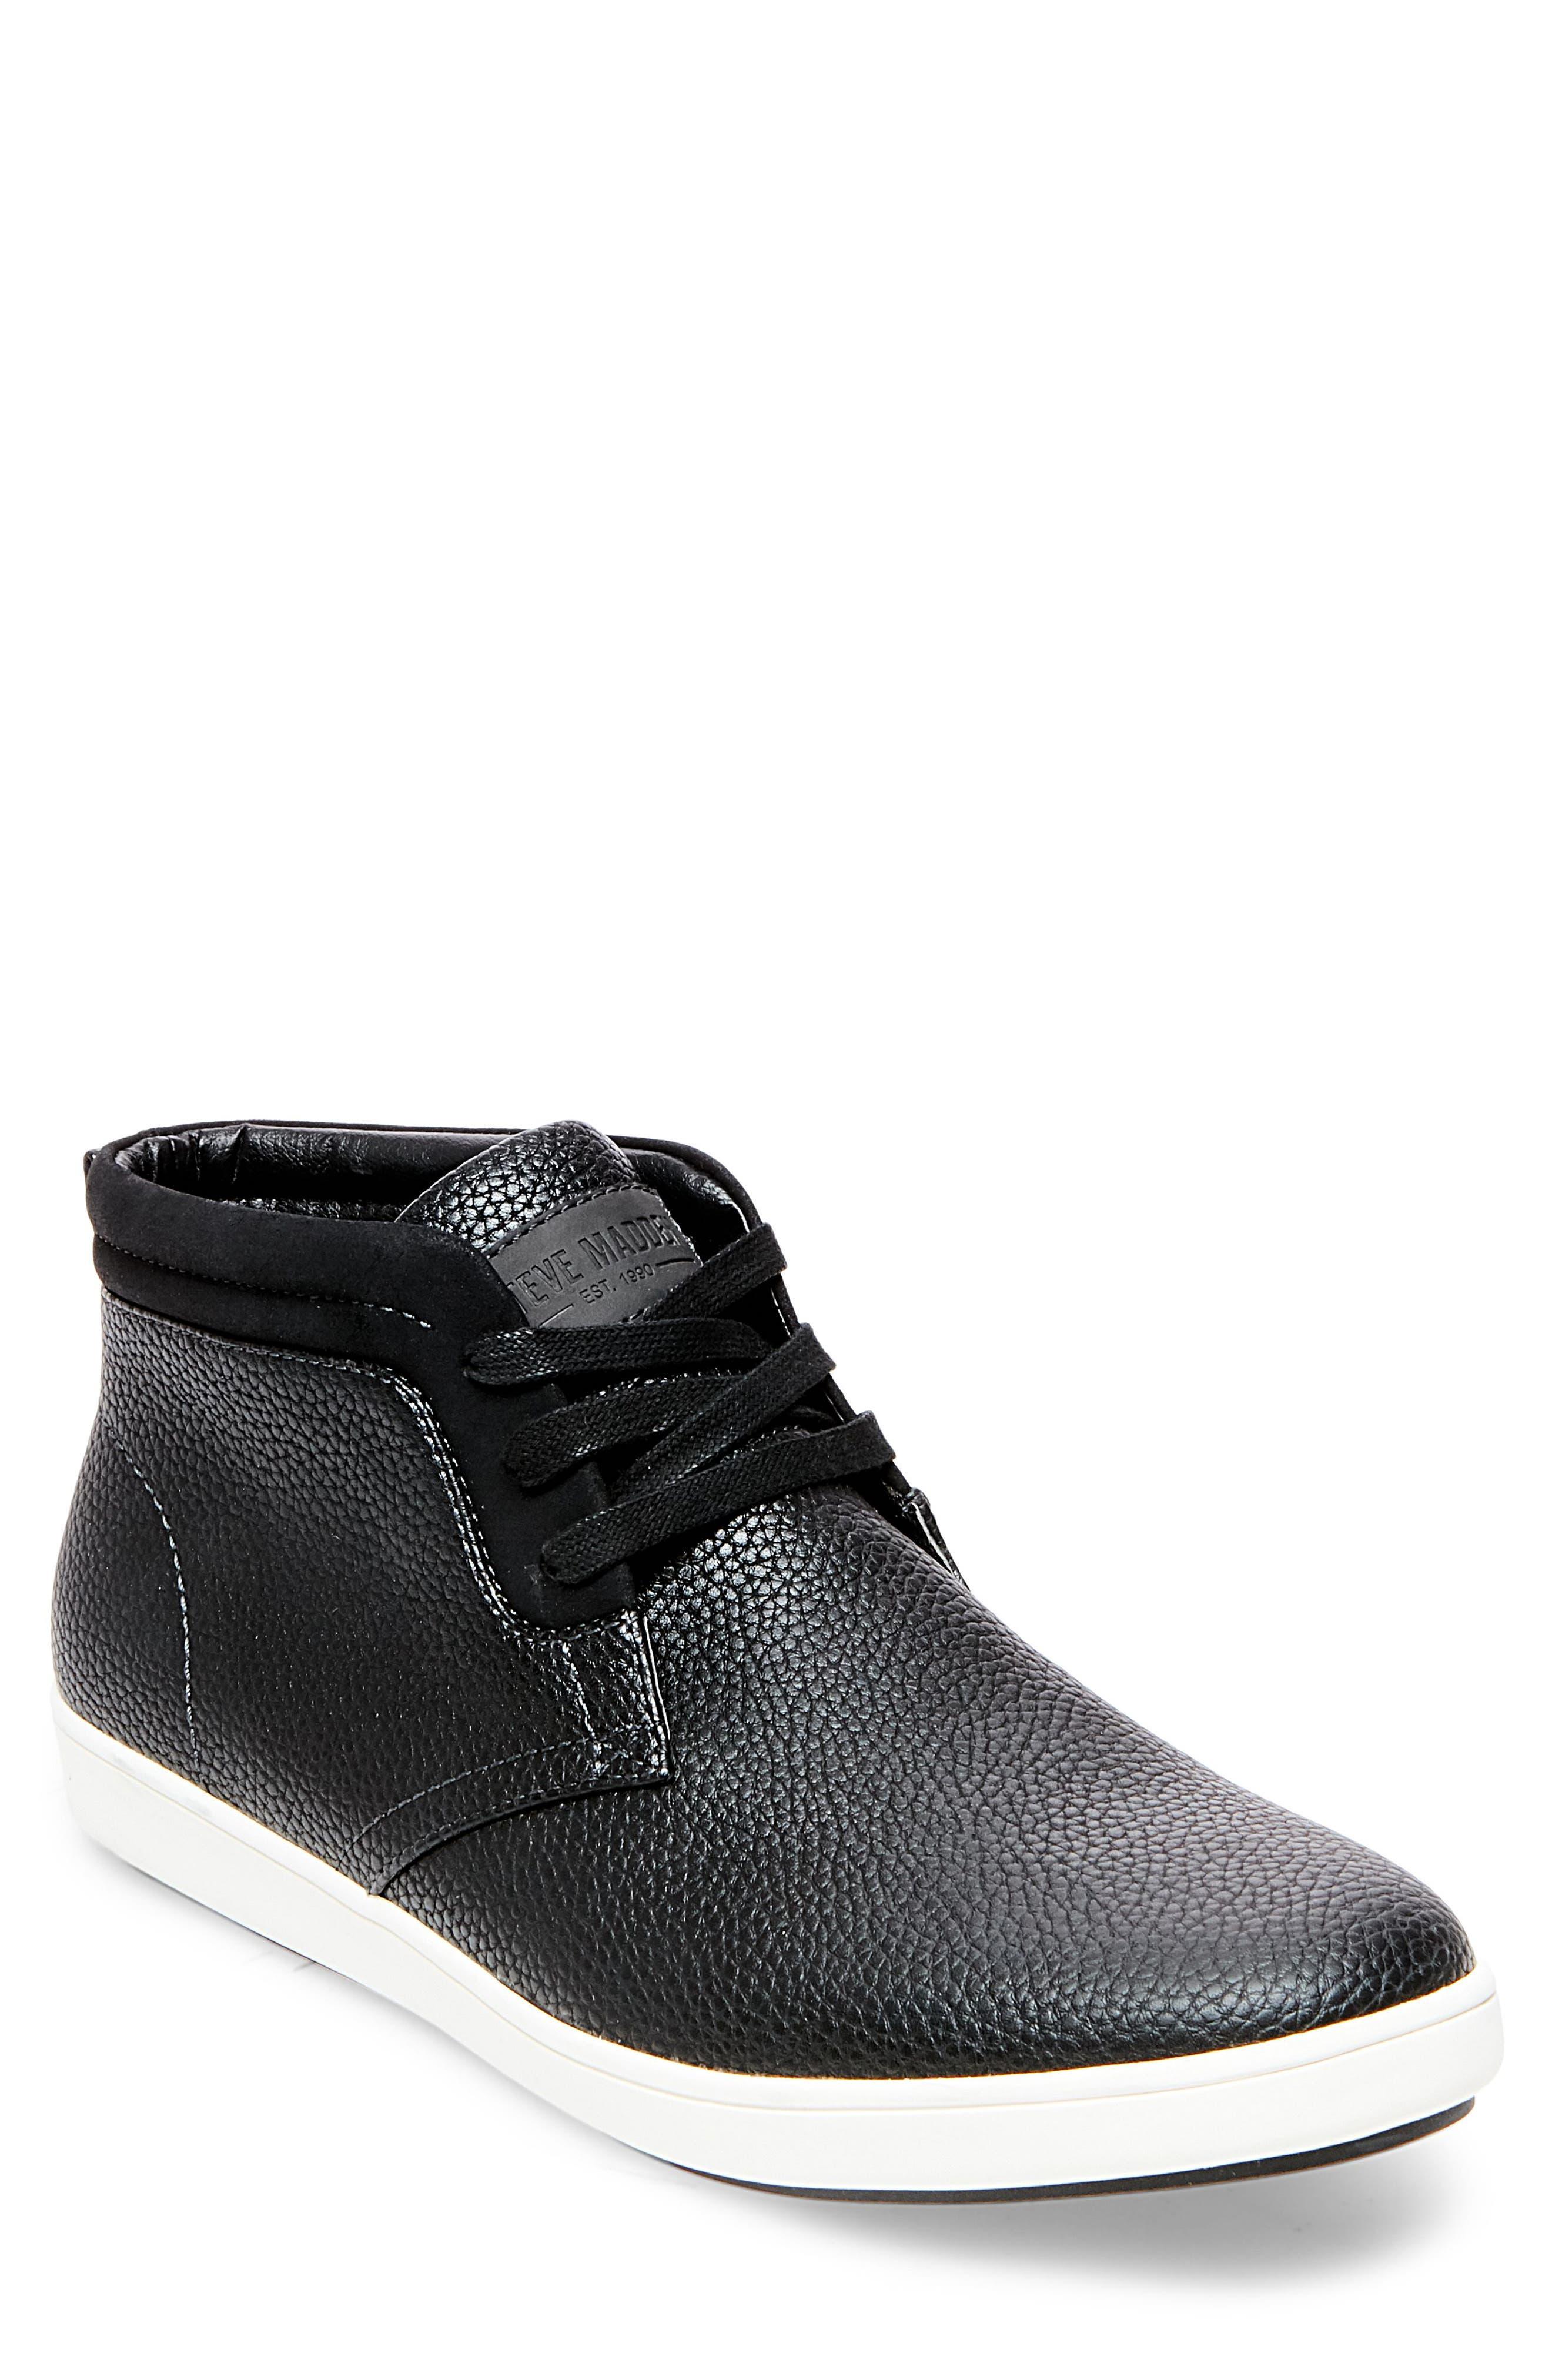 Alternate Image 1 Selected - Steve Madden Fenway Sneaker (Men)